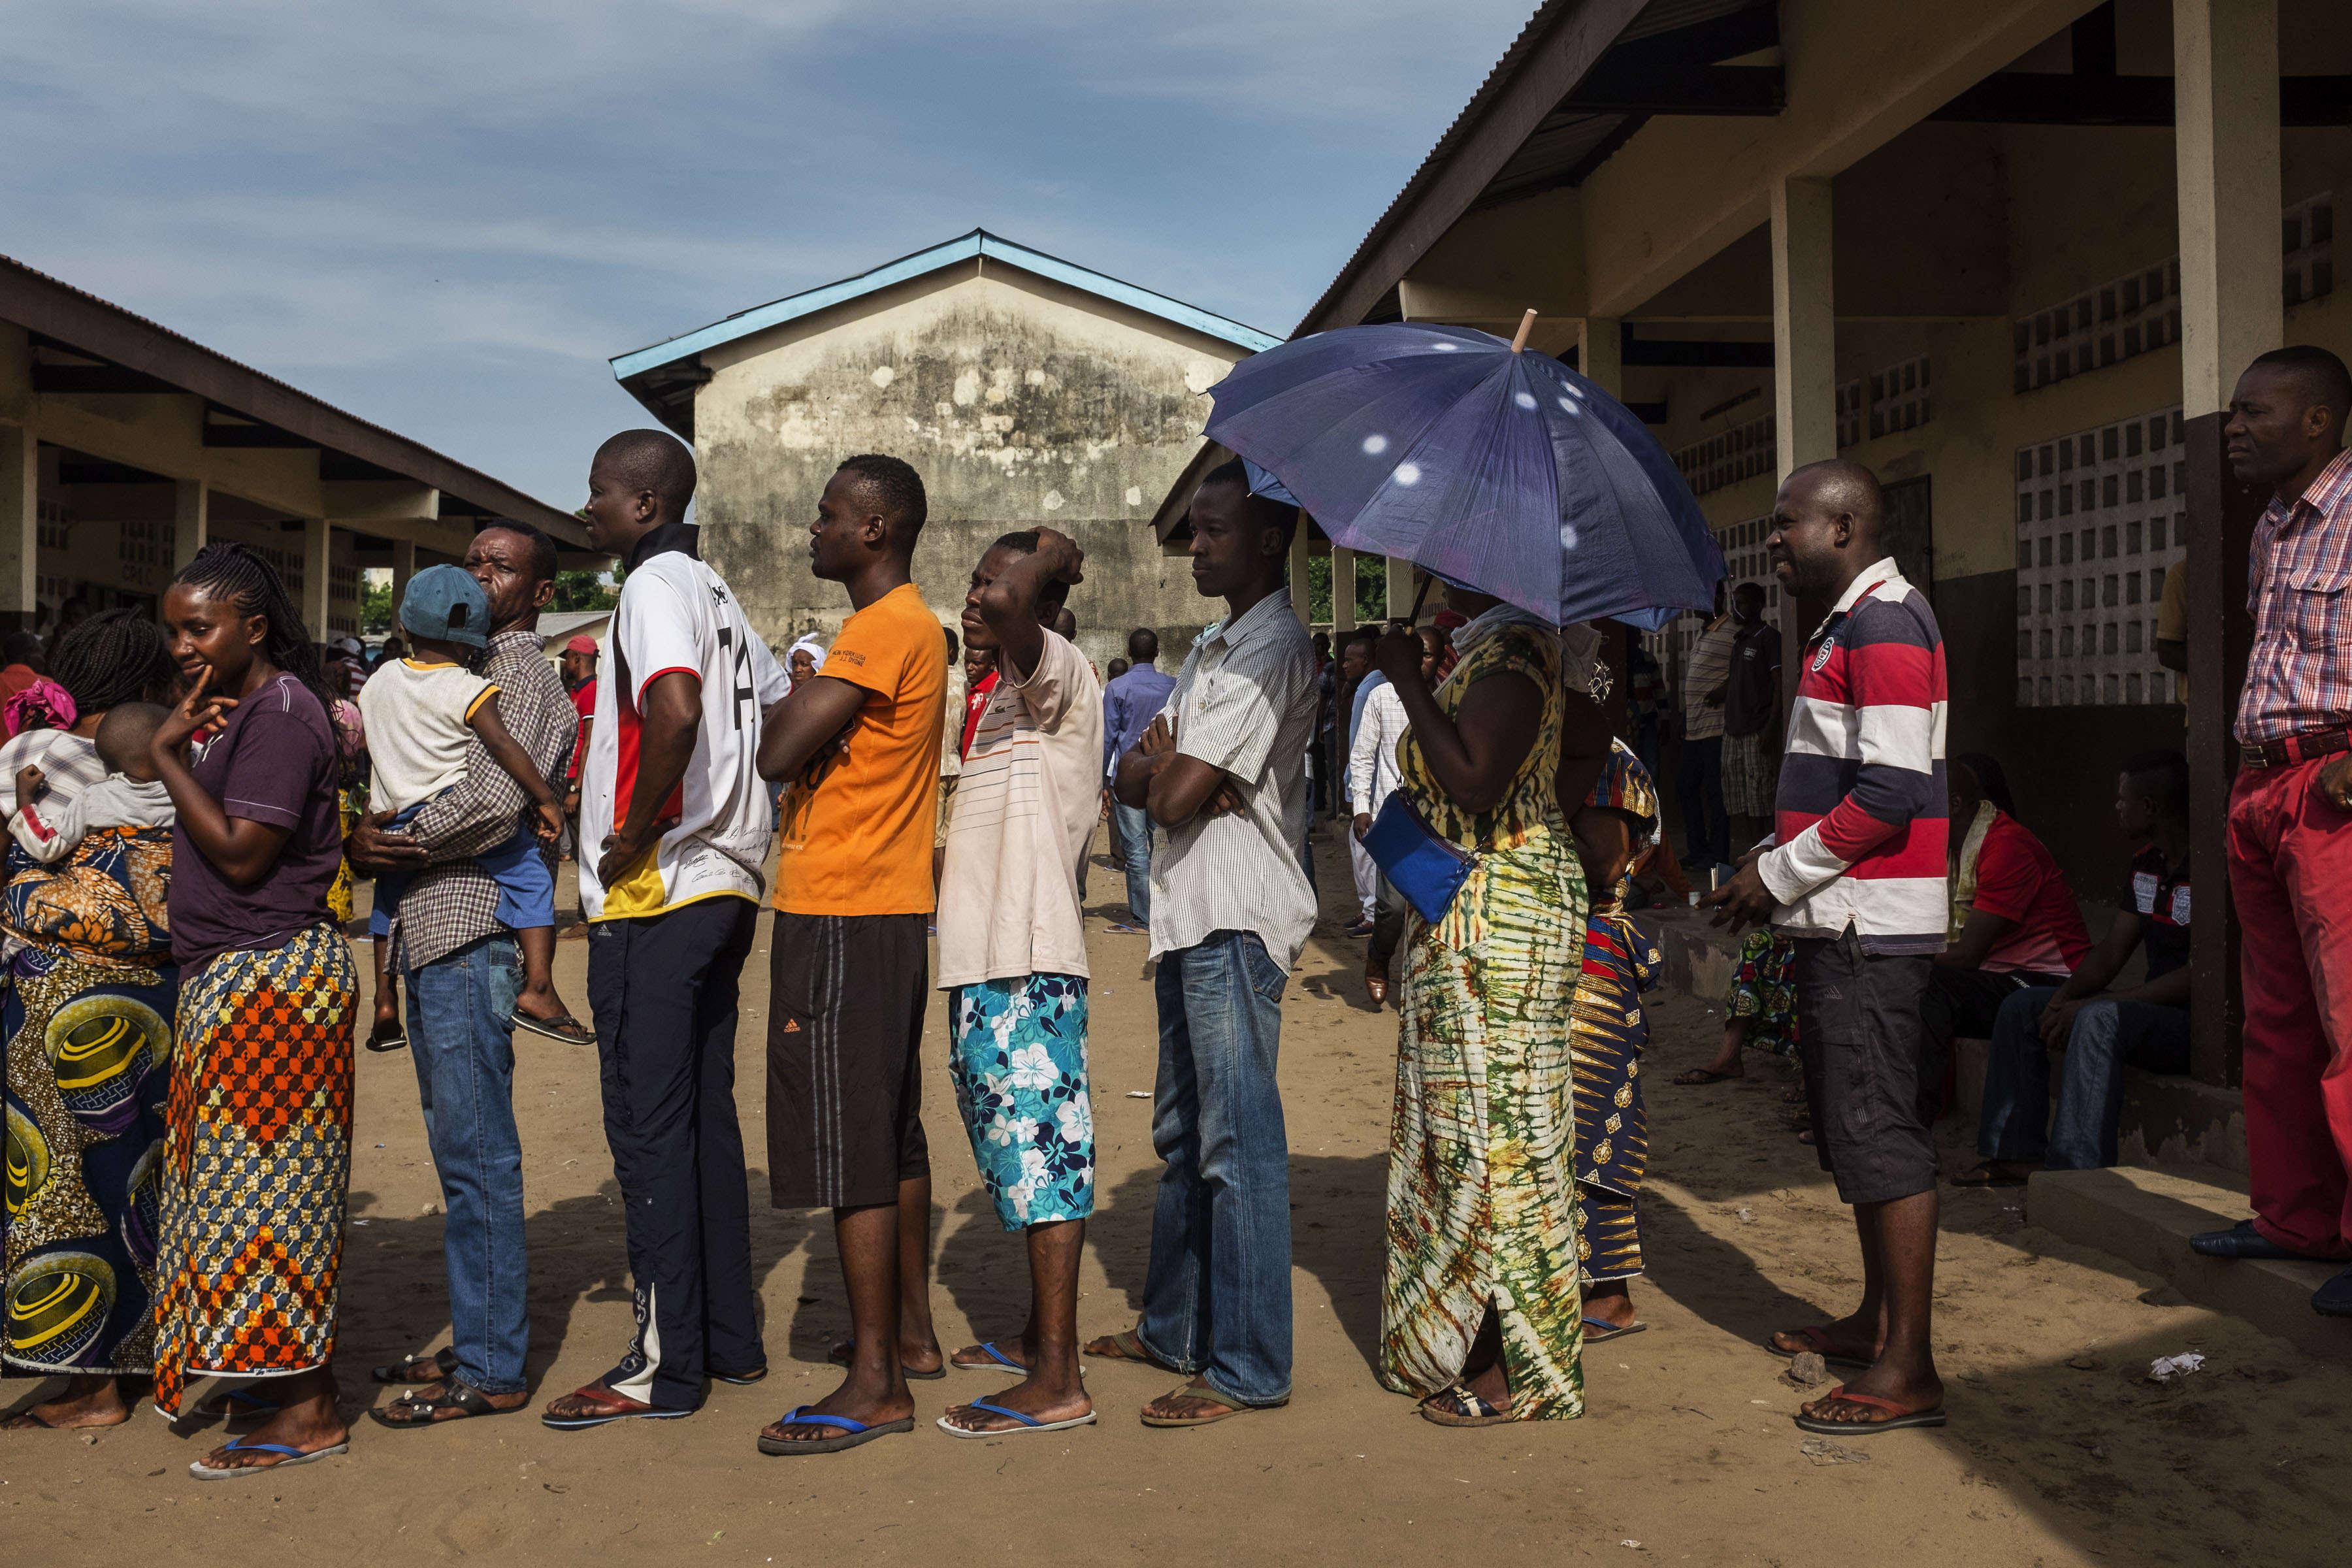 Des électeurs congolais font la queue à l'extérieur d'un bureau de vote dimanche 20 mars.